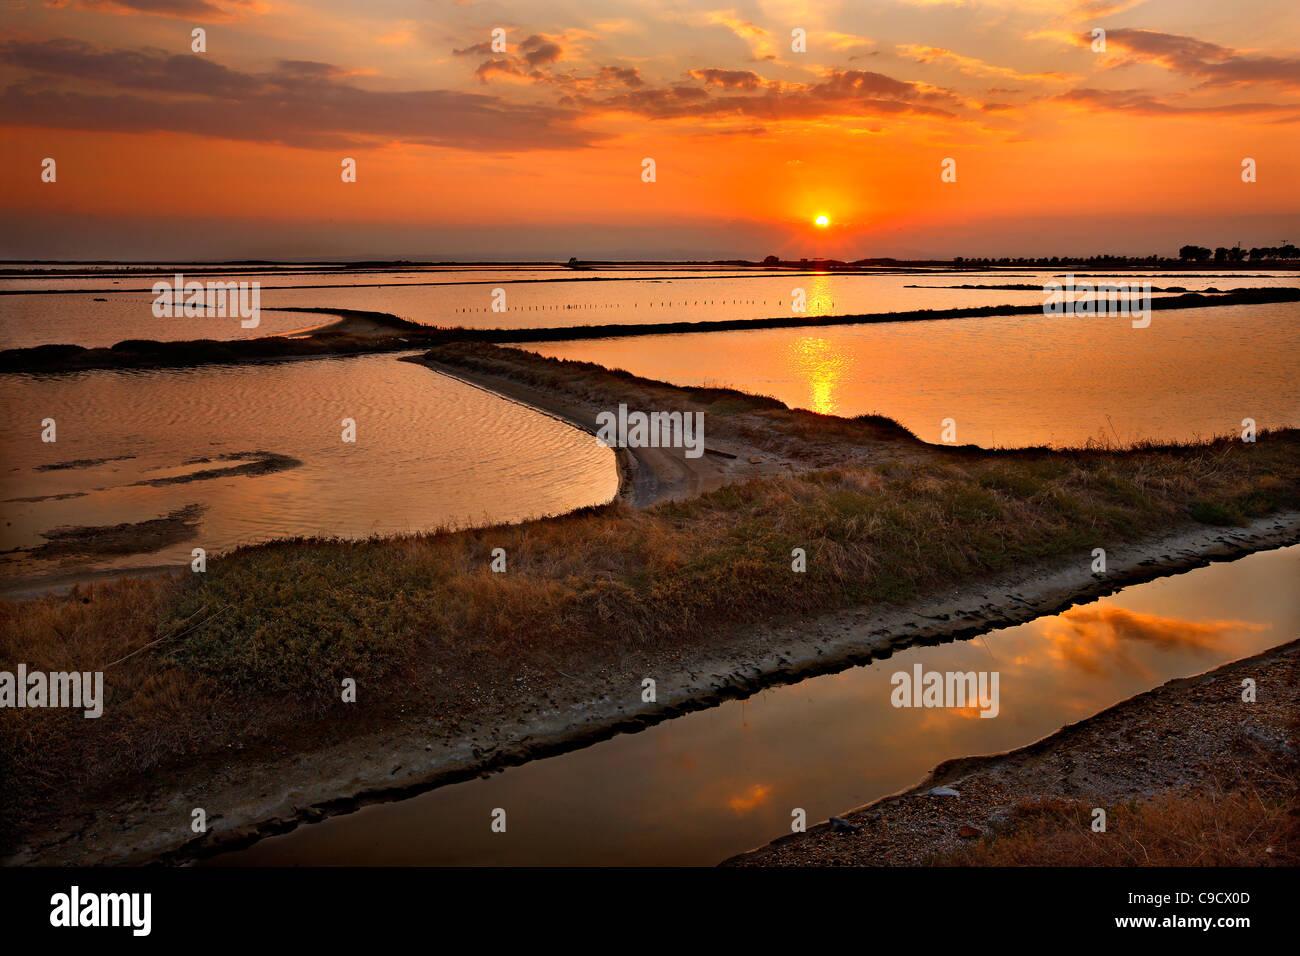 Foto atardecer en la laguna de un humedal Angelochori, a unos 30 km de Tesalónica, Macedonia, Grecia Imagen De Stock